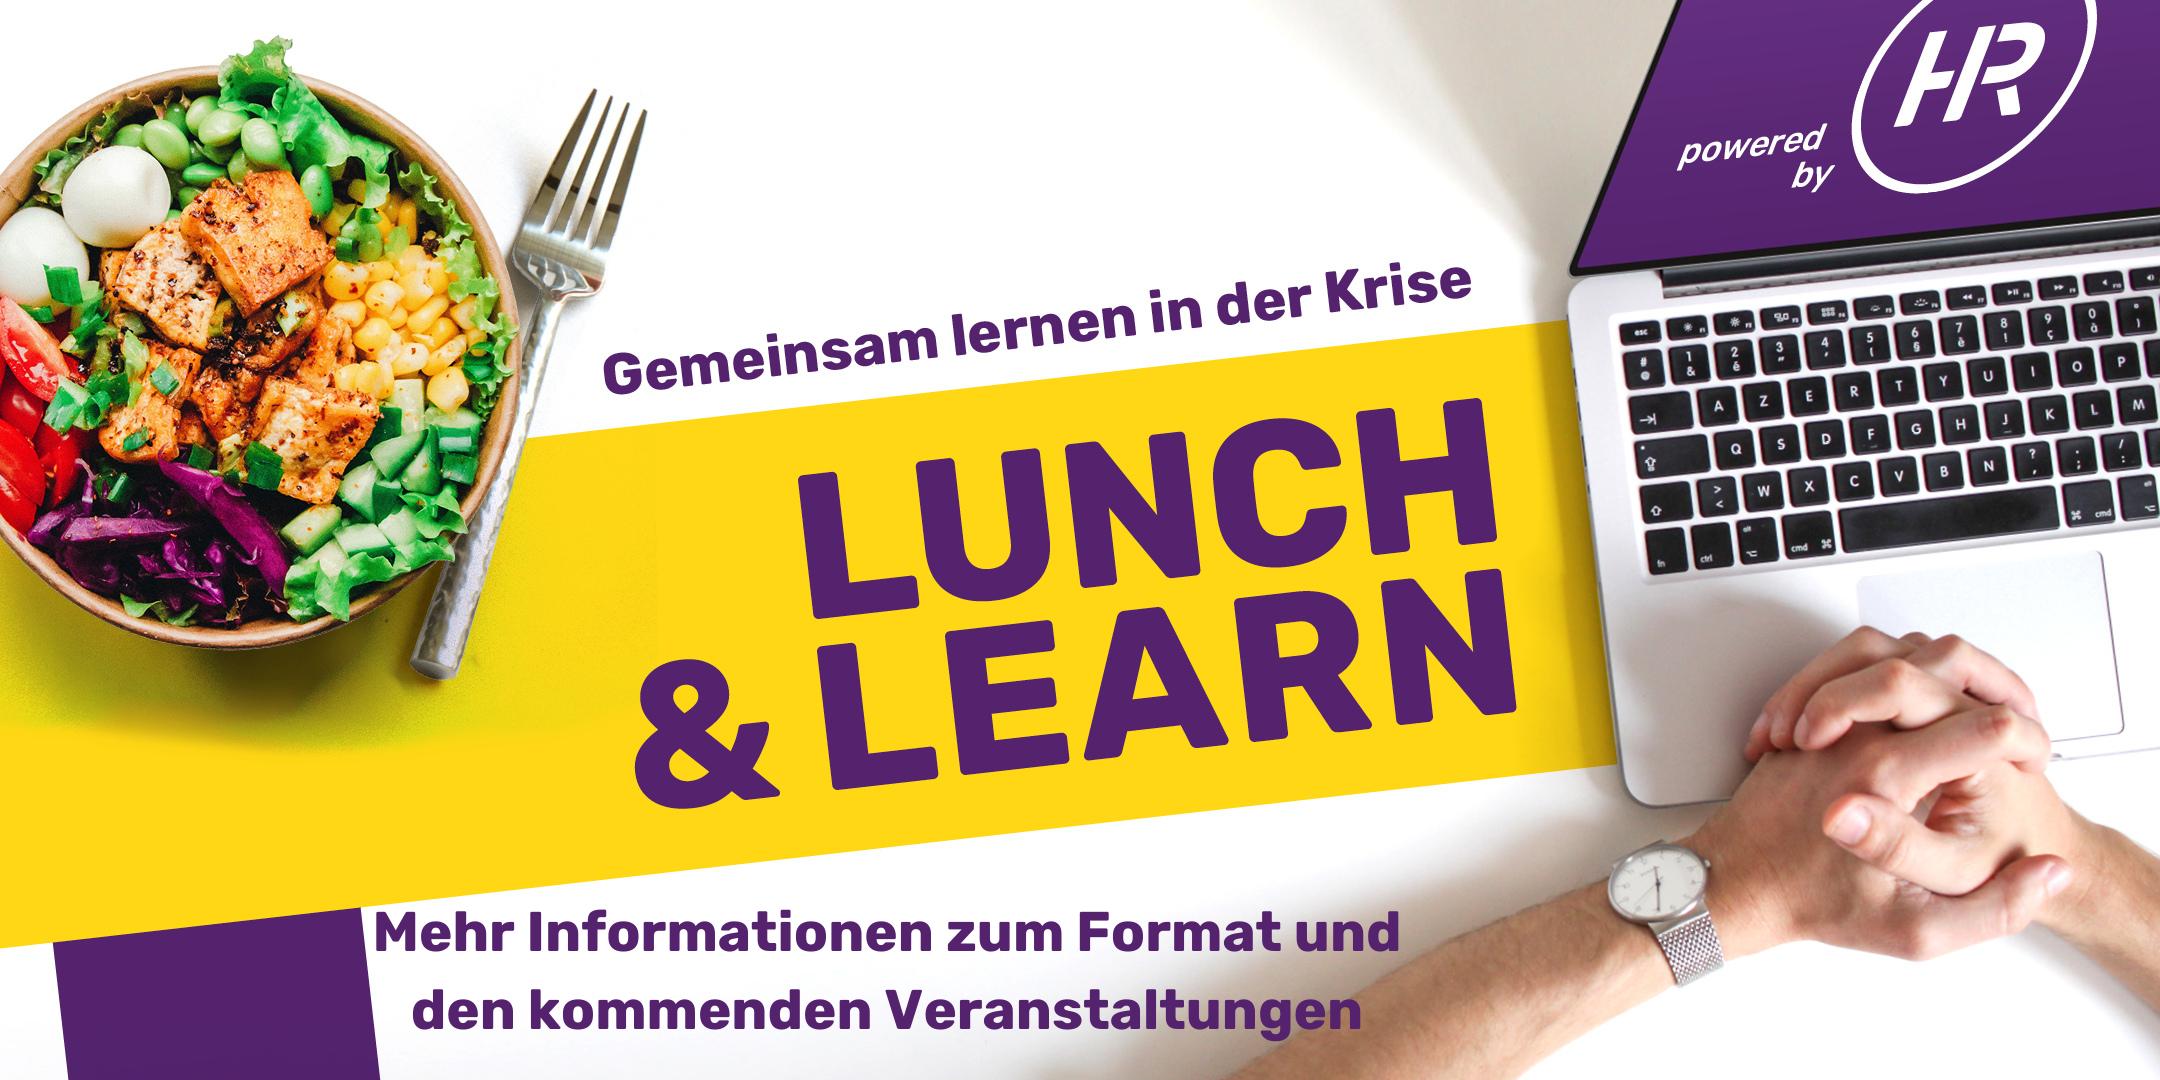 Website Lunch Learn Hauptseite